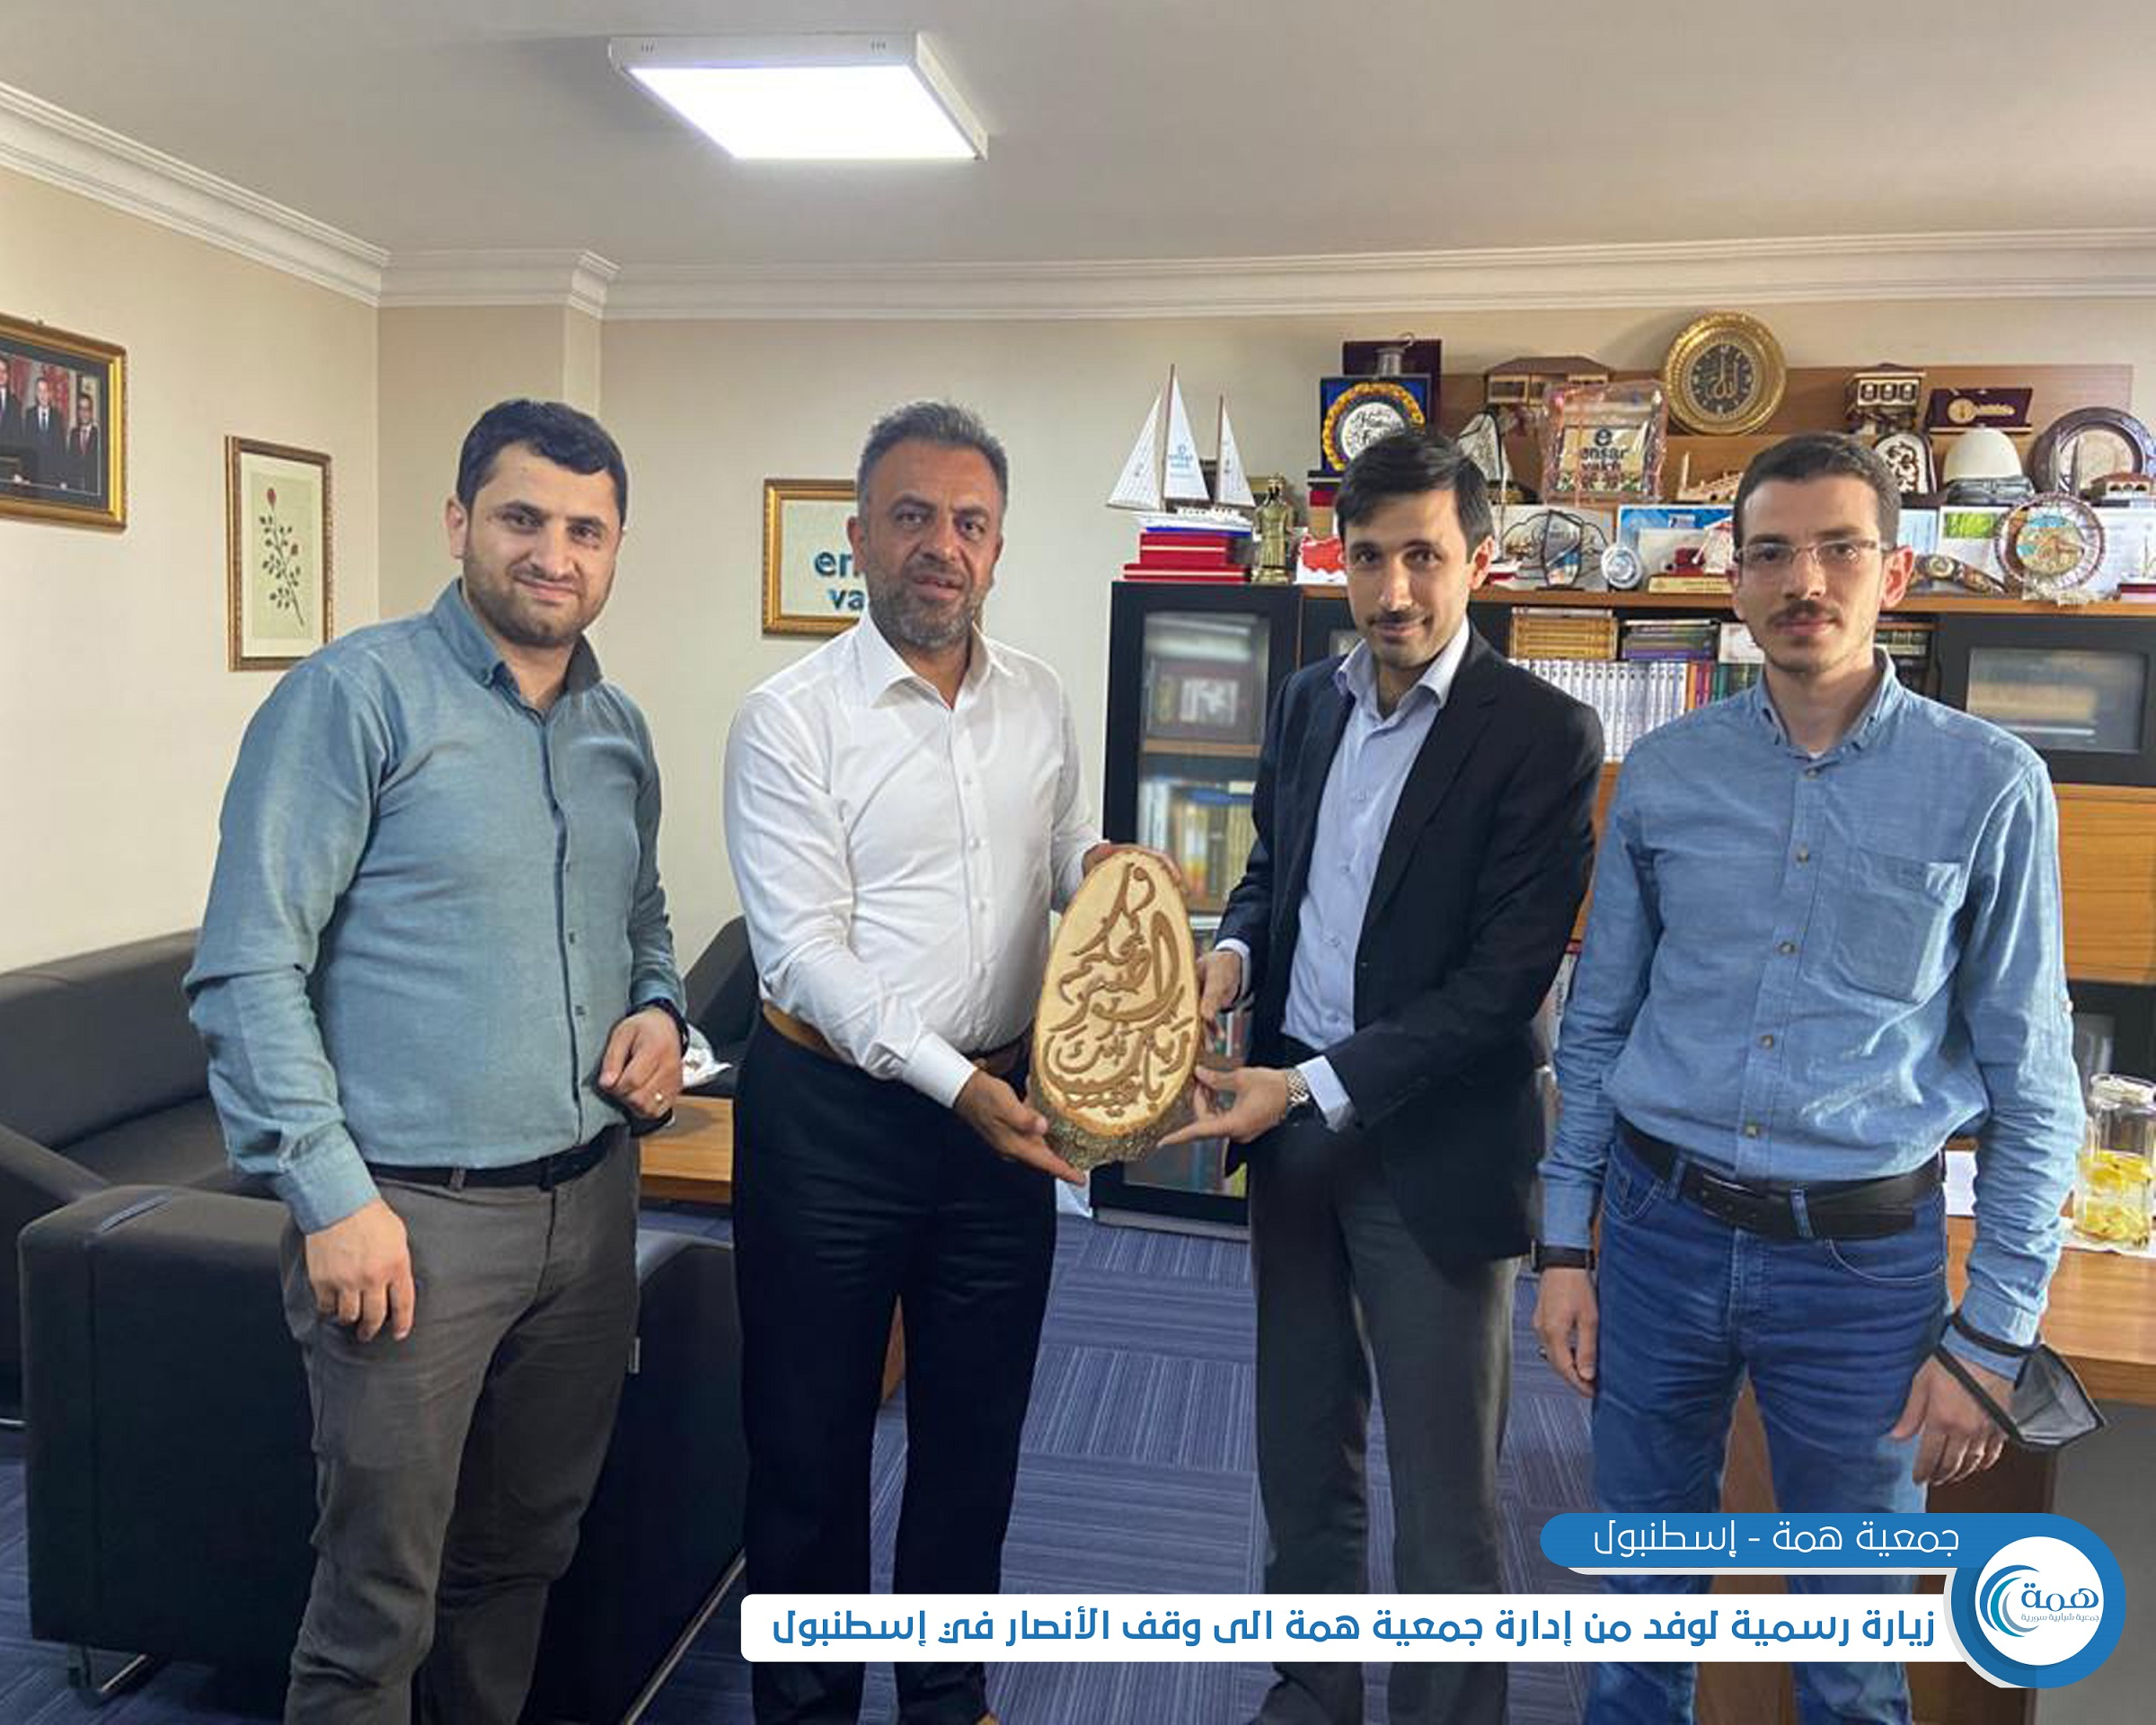 زيارة رسمية لوفد من جمعية همة الى وقف الأنصار في اسطنبول